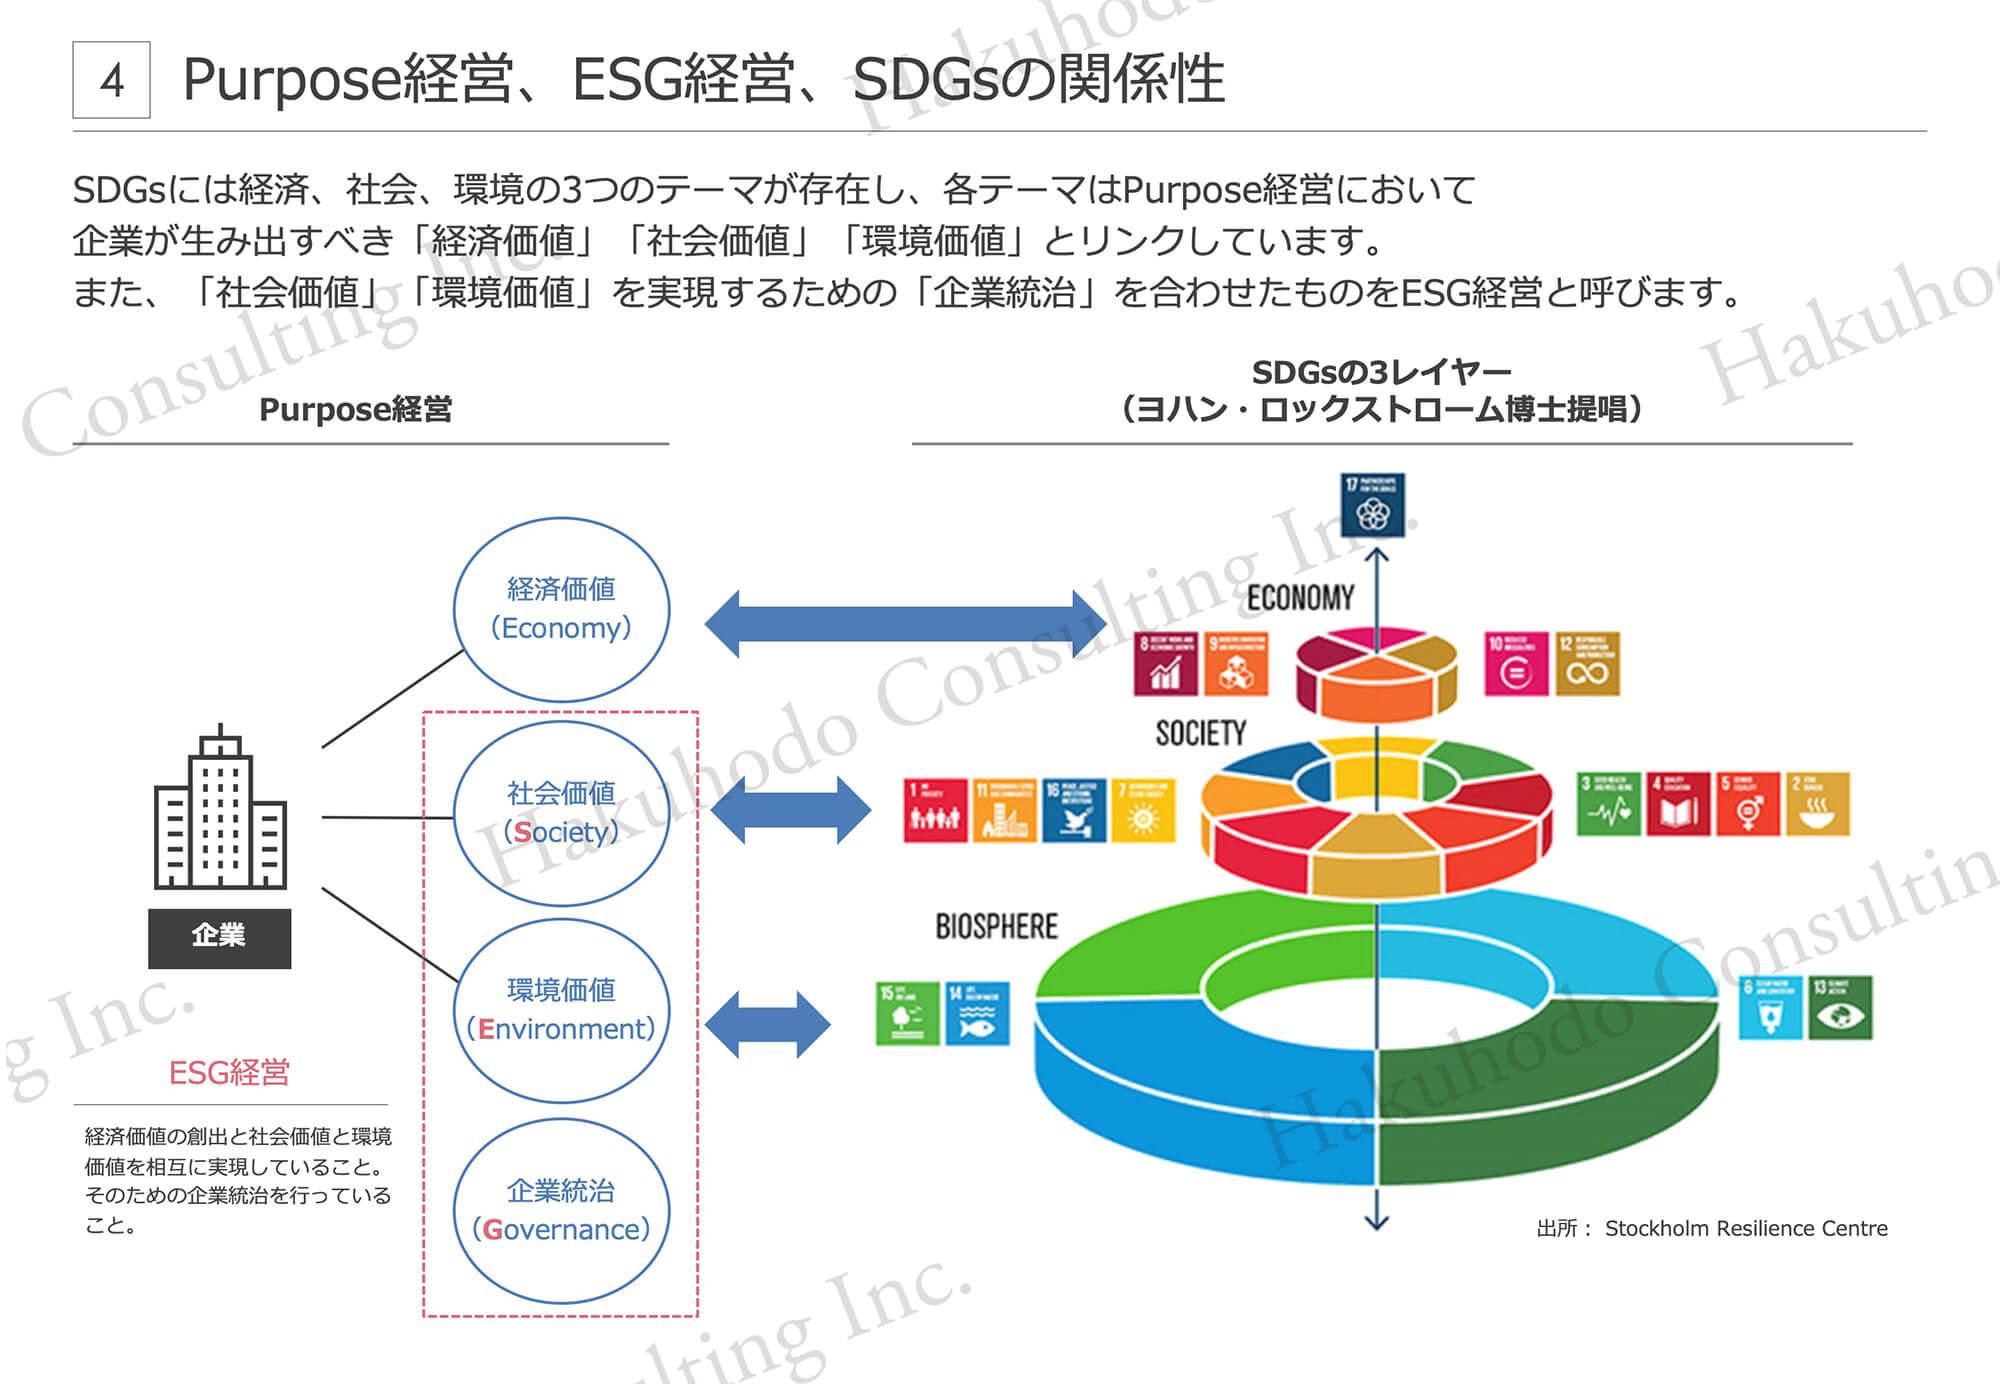 Purpose経営、ESG経営、SDGsの関係性4SDGsには経済、社会、環境の3つのテーマが存在し、各テーマはPurpose経営において企業が生み出すべき「経済価値」「社会価値」「環境価値」とリンクしています。また、「社会価値」「環境価値」を実現するための「企業統治」を合わせたものをESG経営と呼びます。